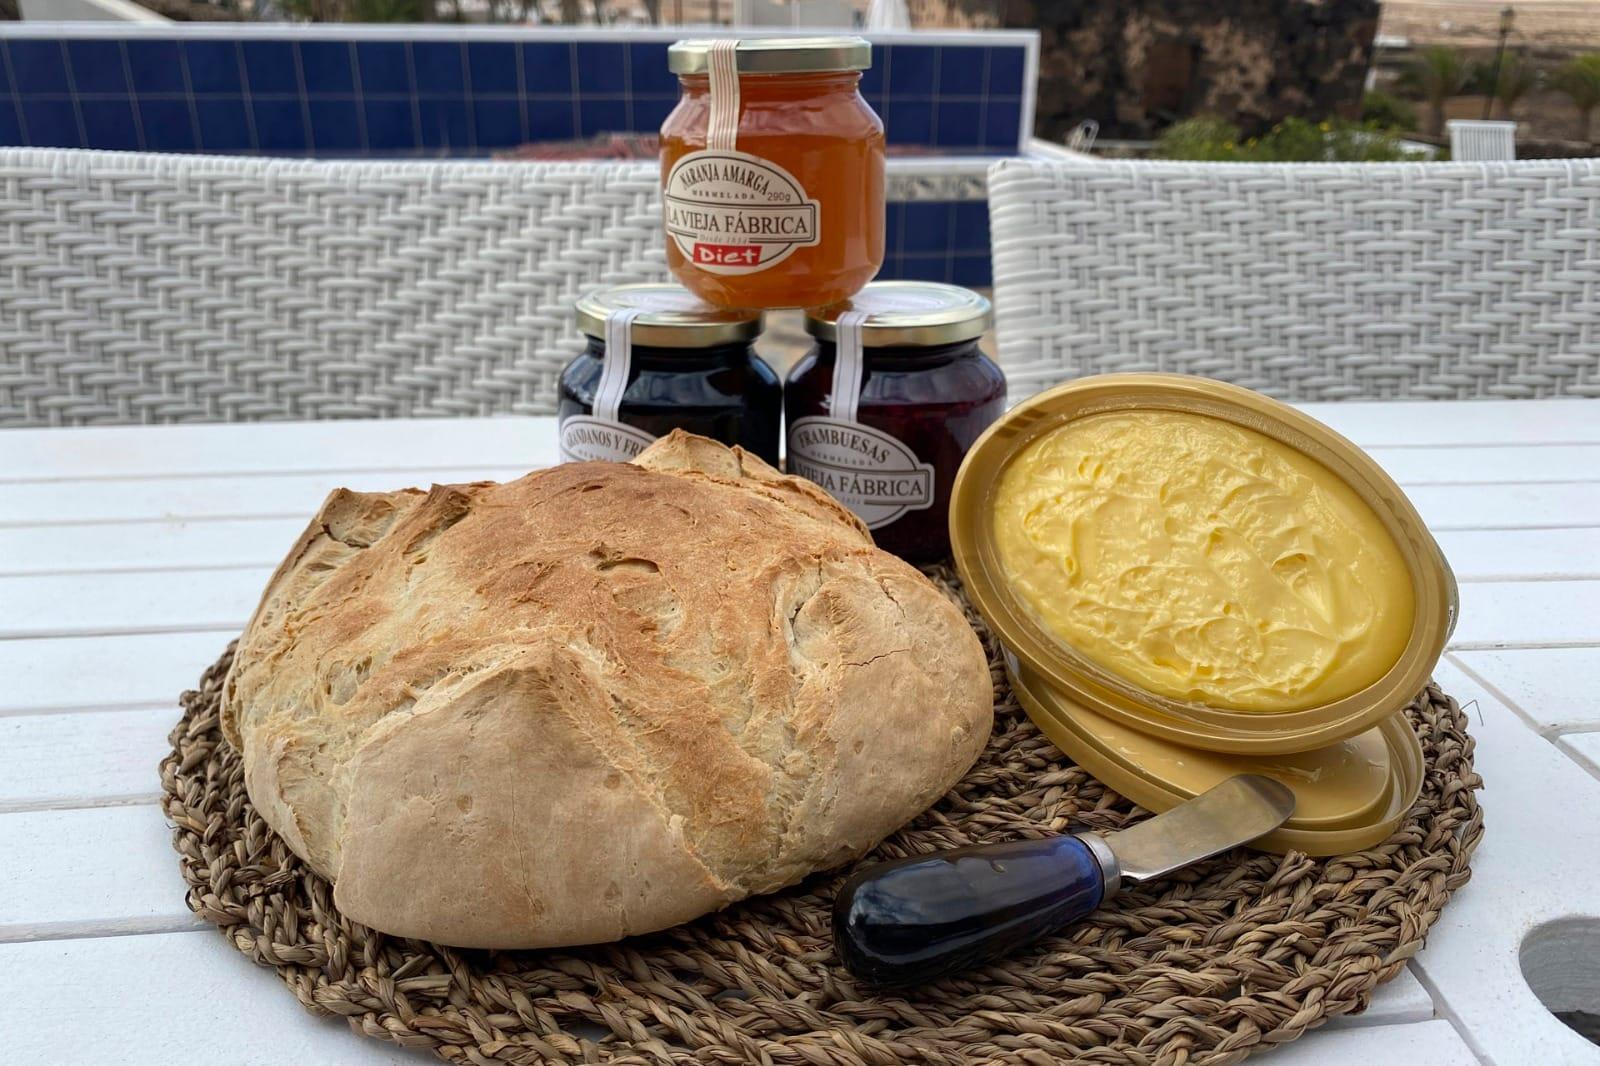 Pan fácil con La Vieja Fábrica